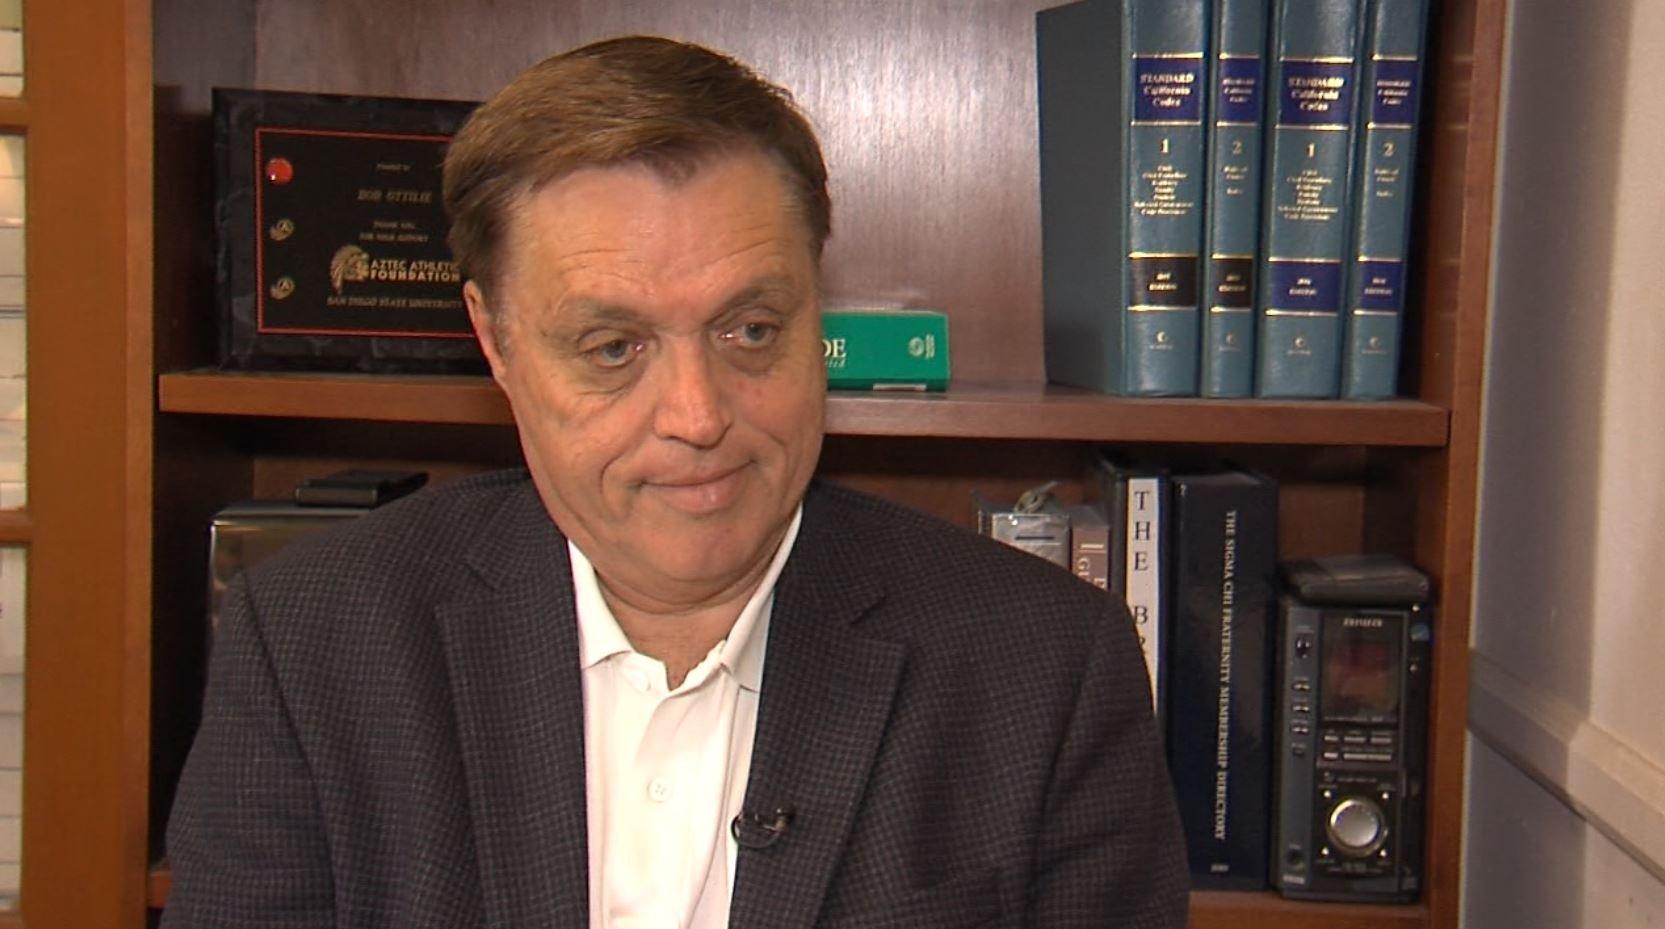 San Diego Attorney Bob Ottilie